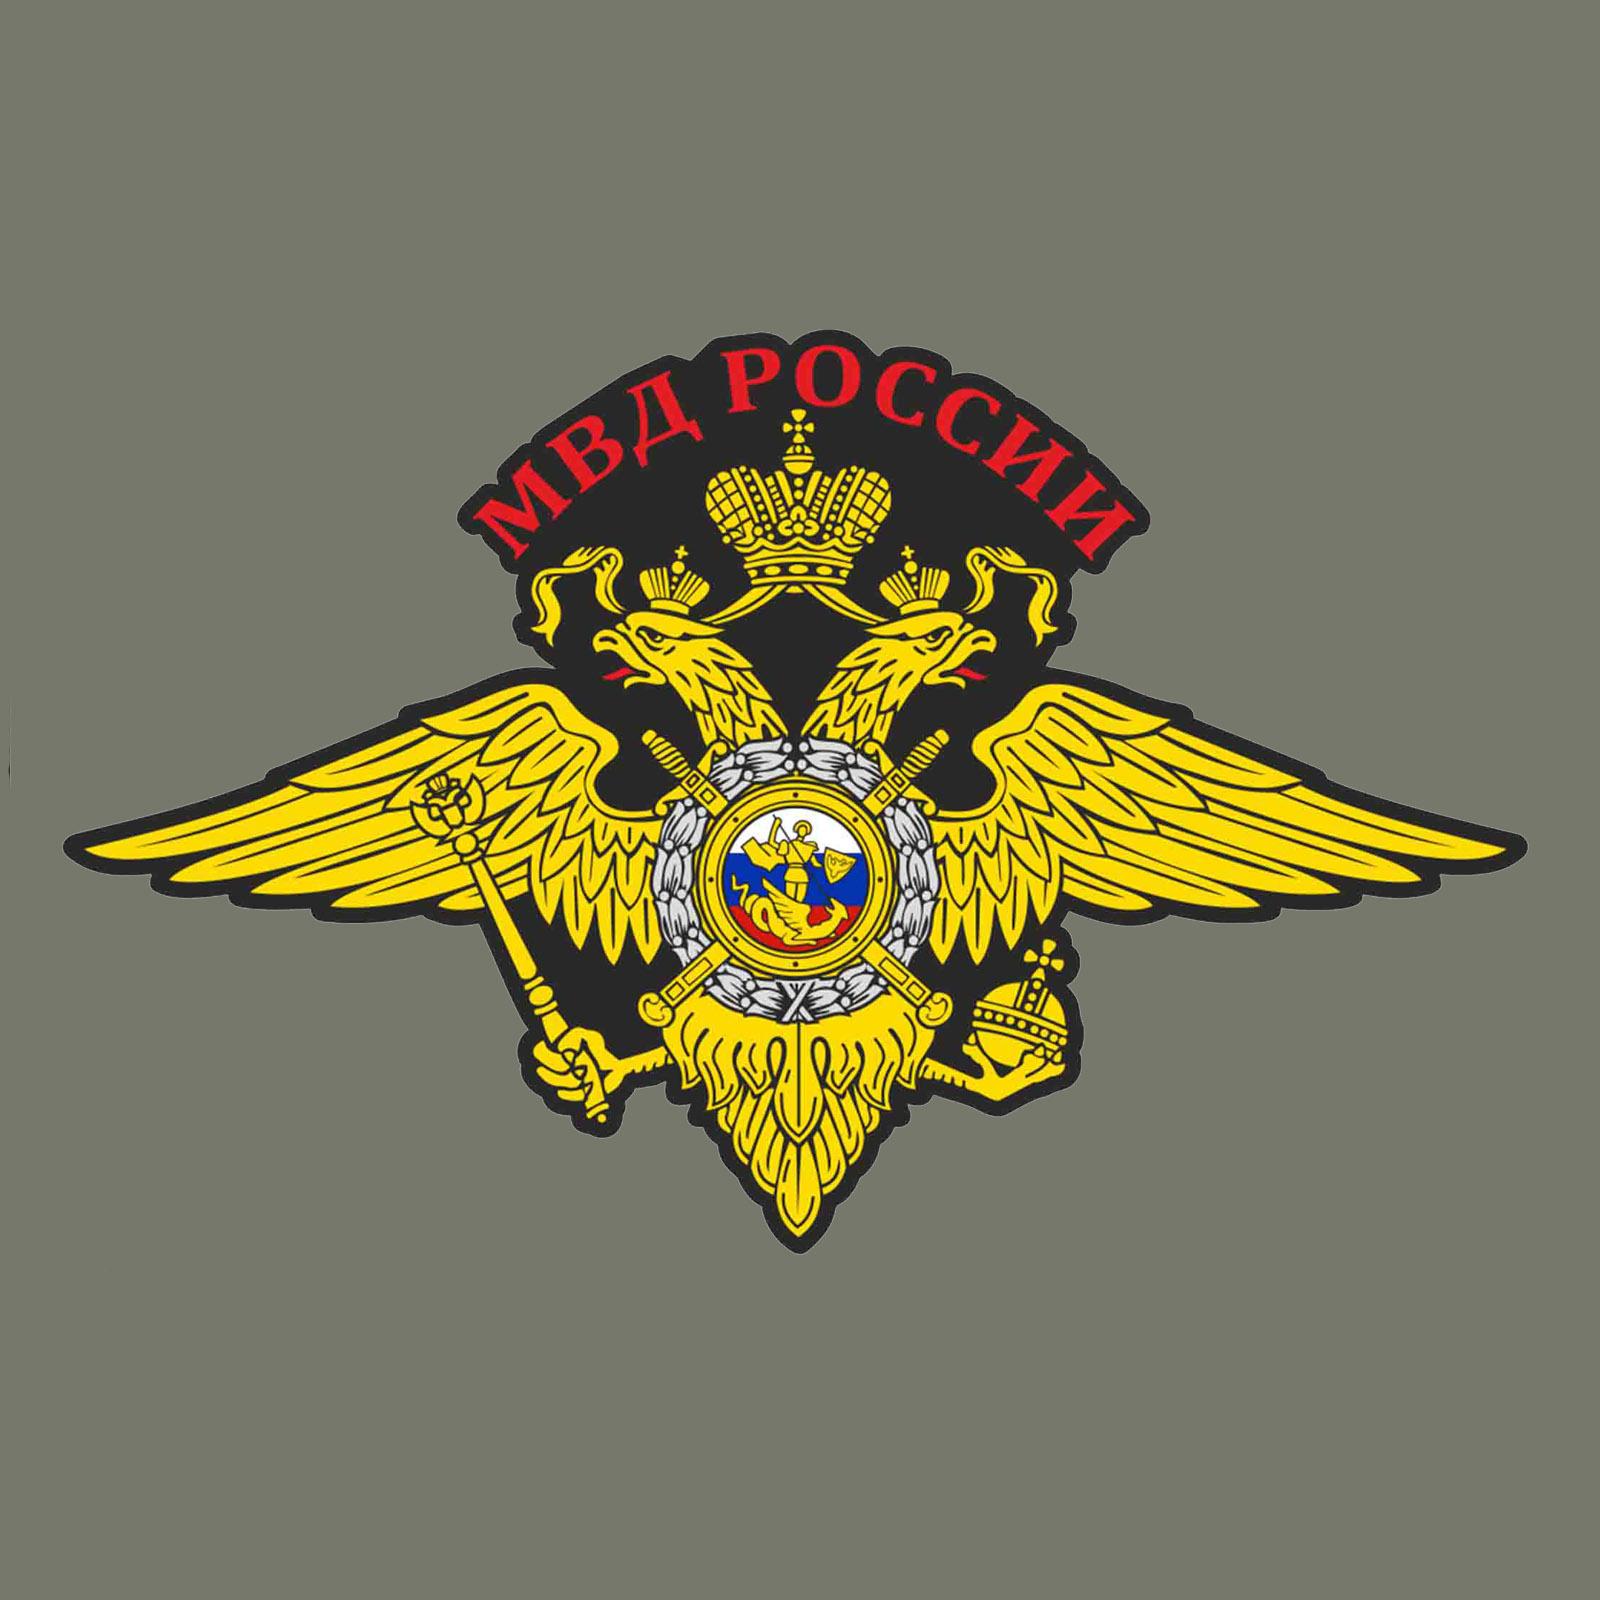 Мужская футболка с вышитым гербом МВД России - цветная машинная вышивка